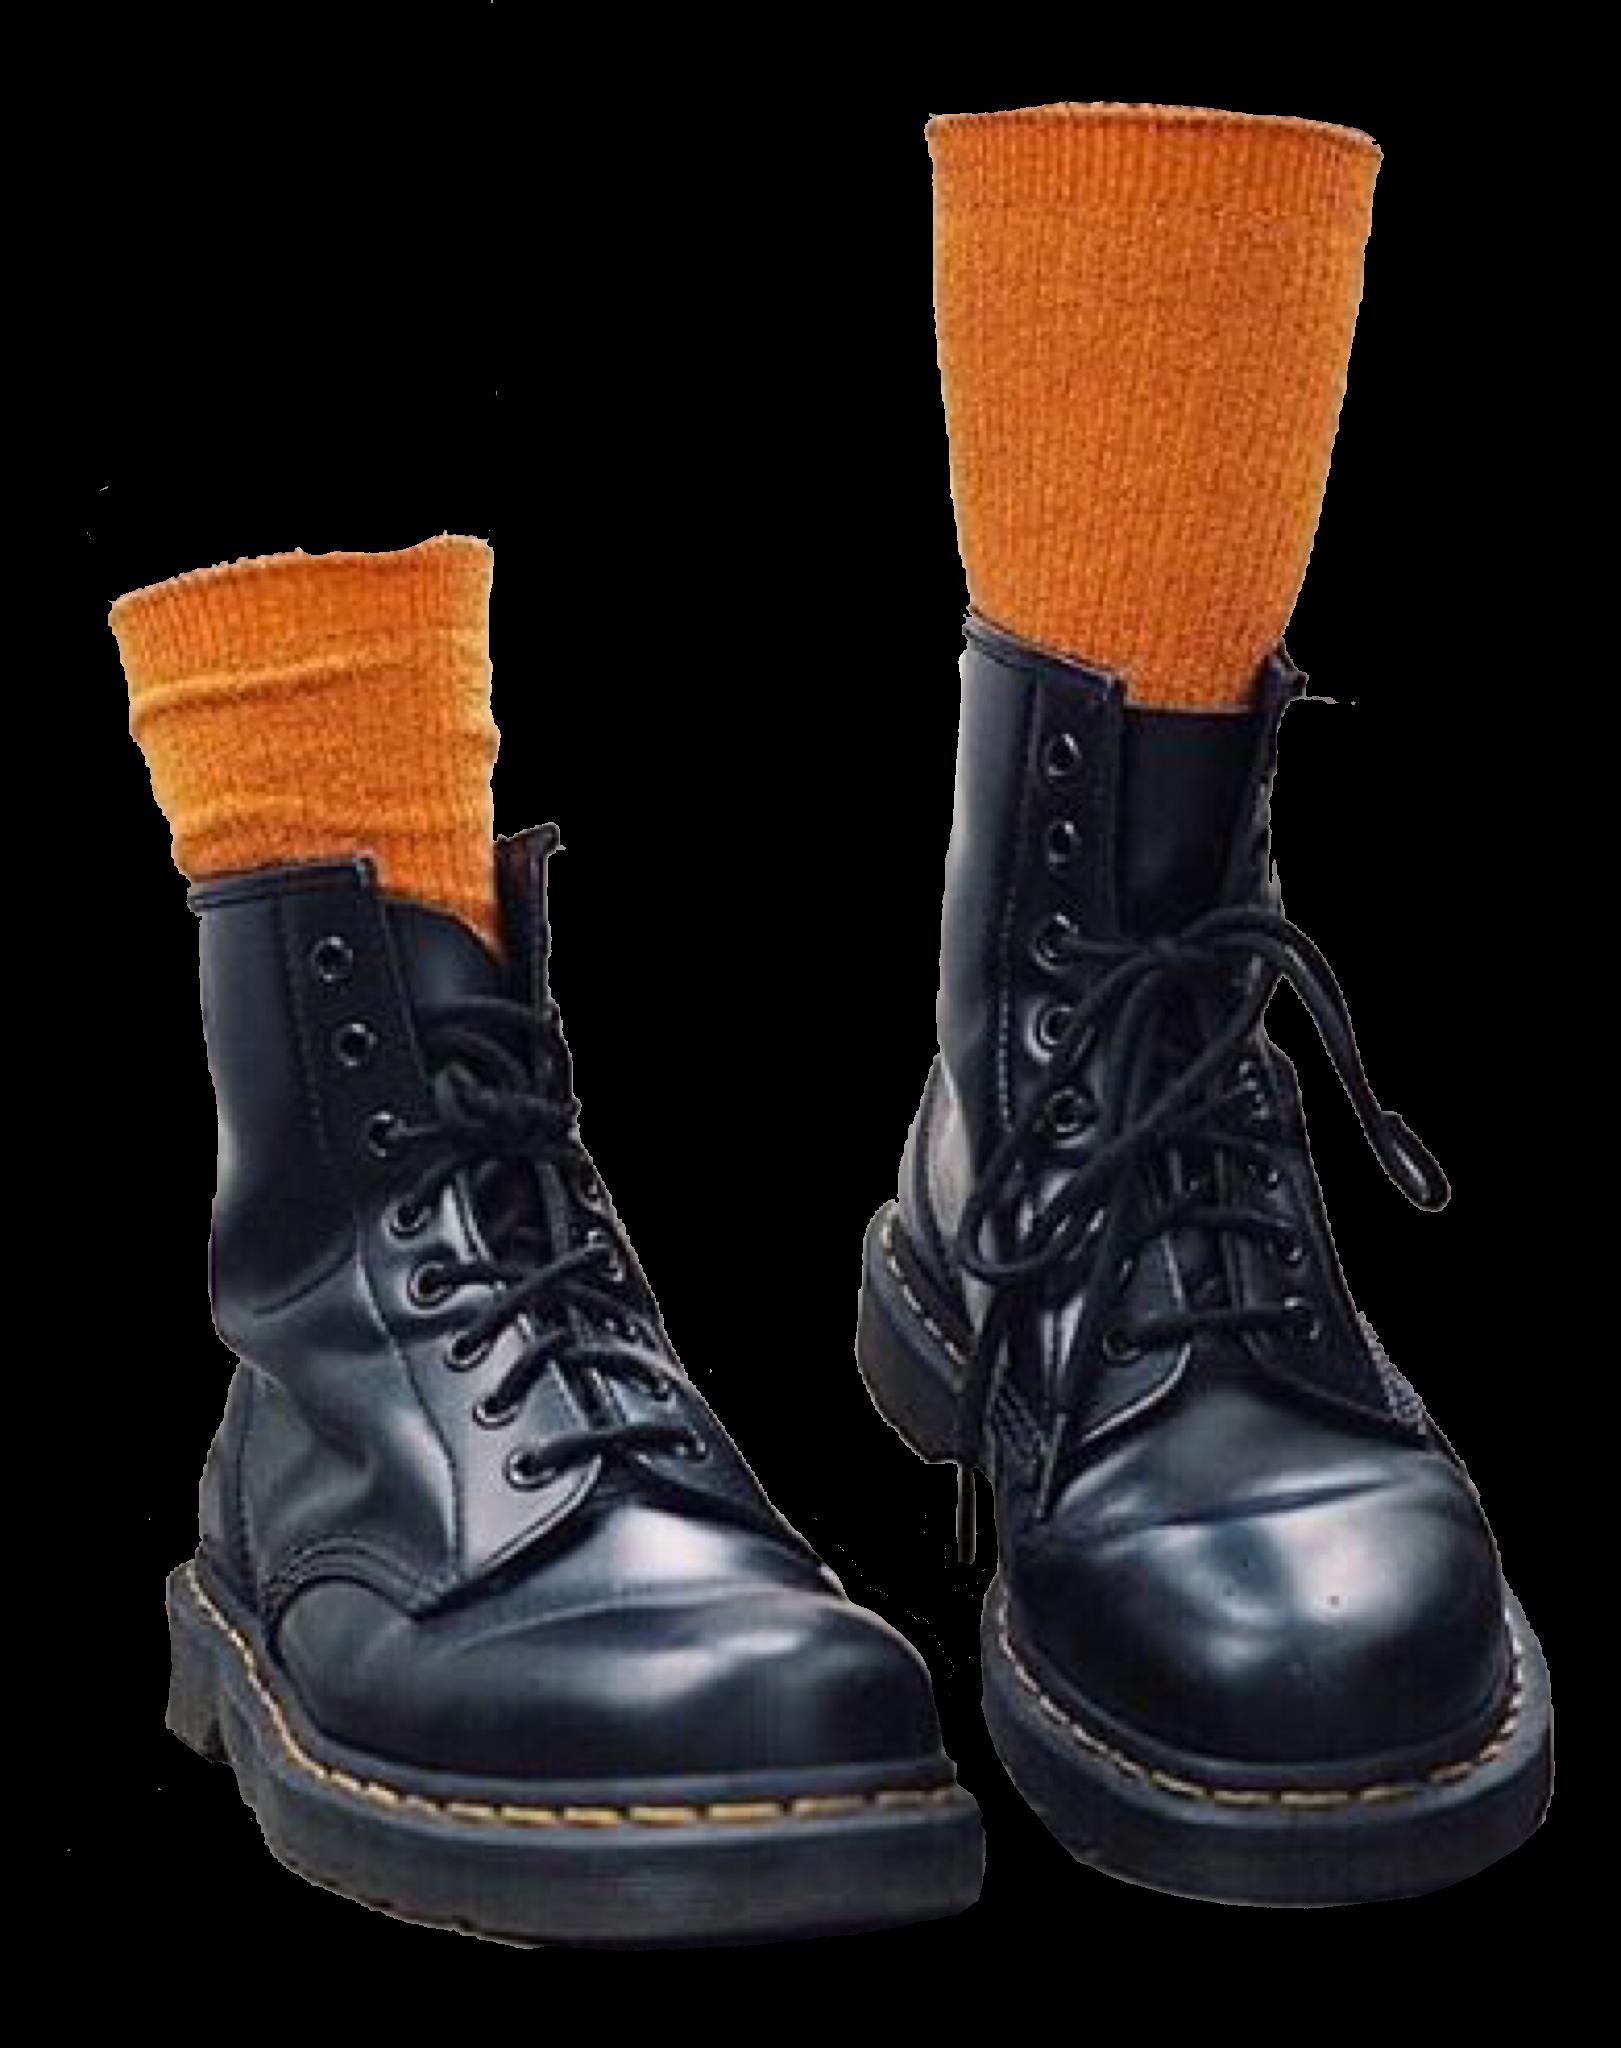 b41ca3c509c2 combat boots   polyvore